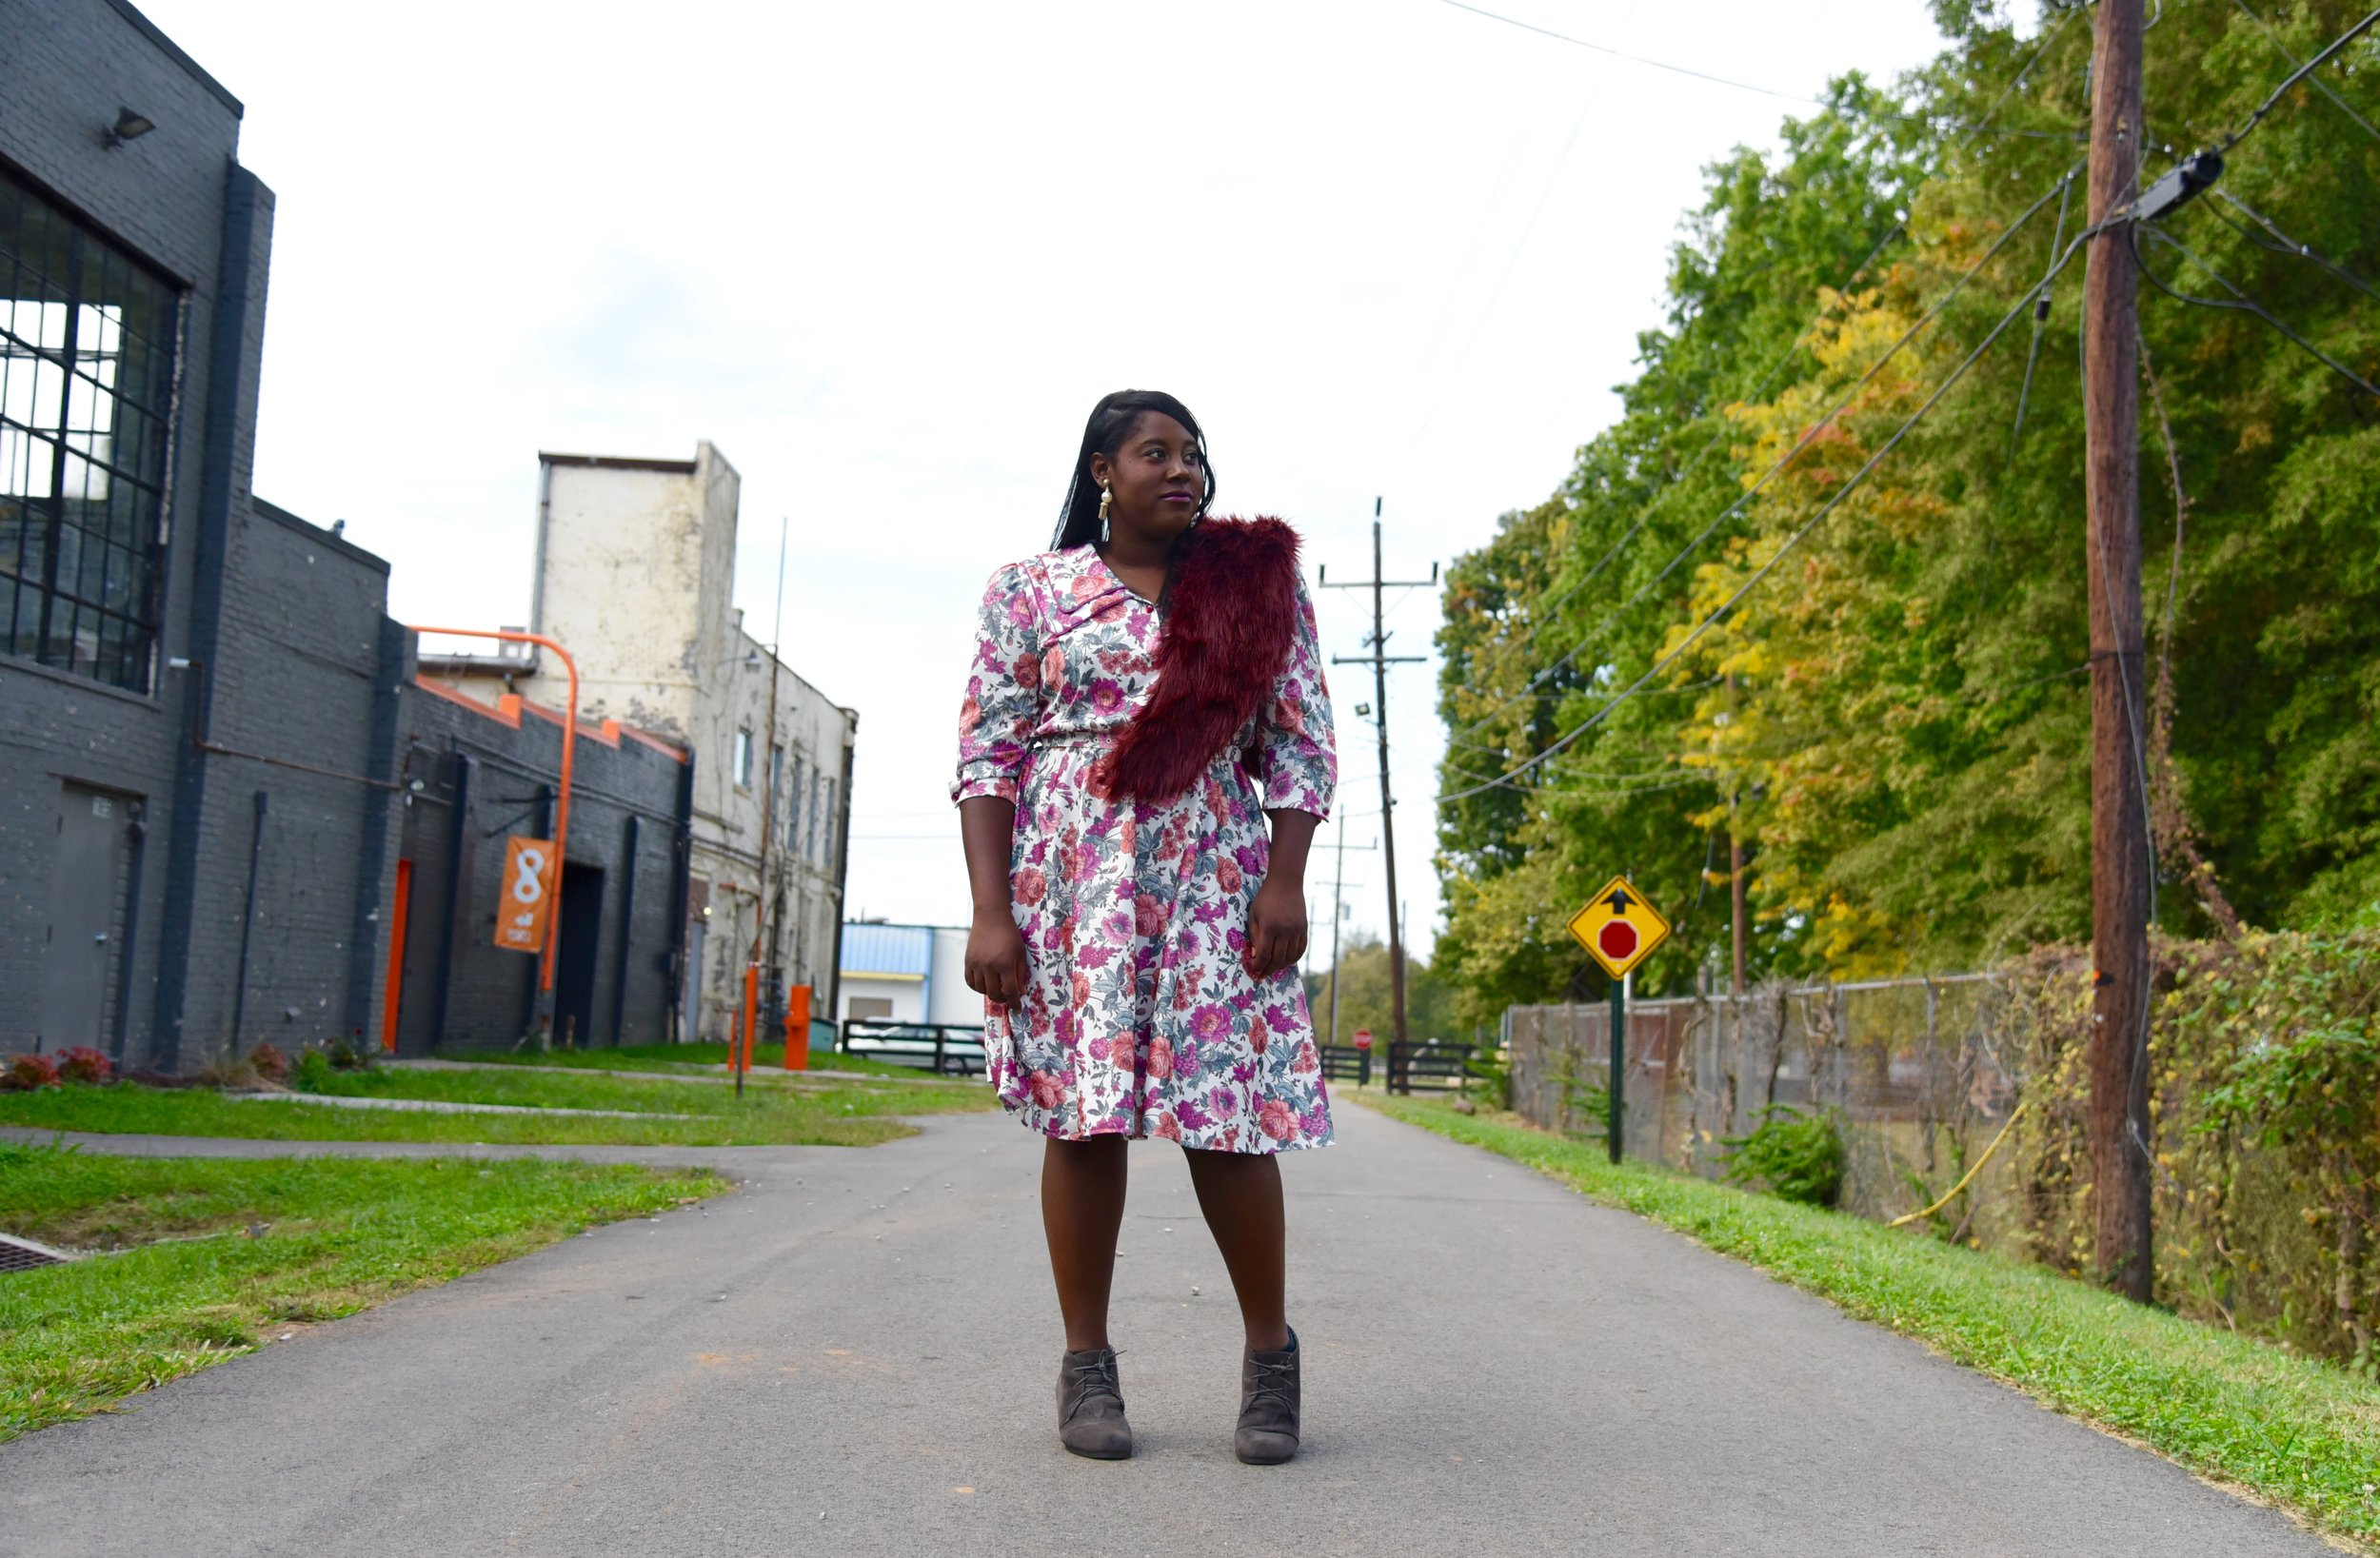 The Violent Patterned Floral Dress.